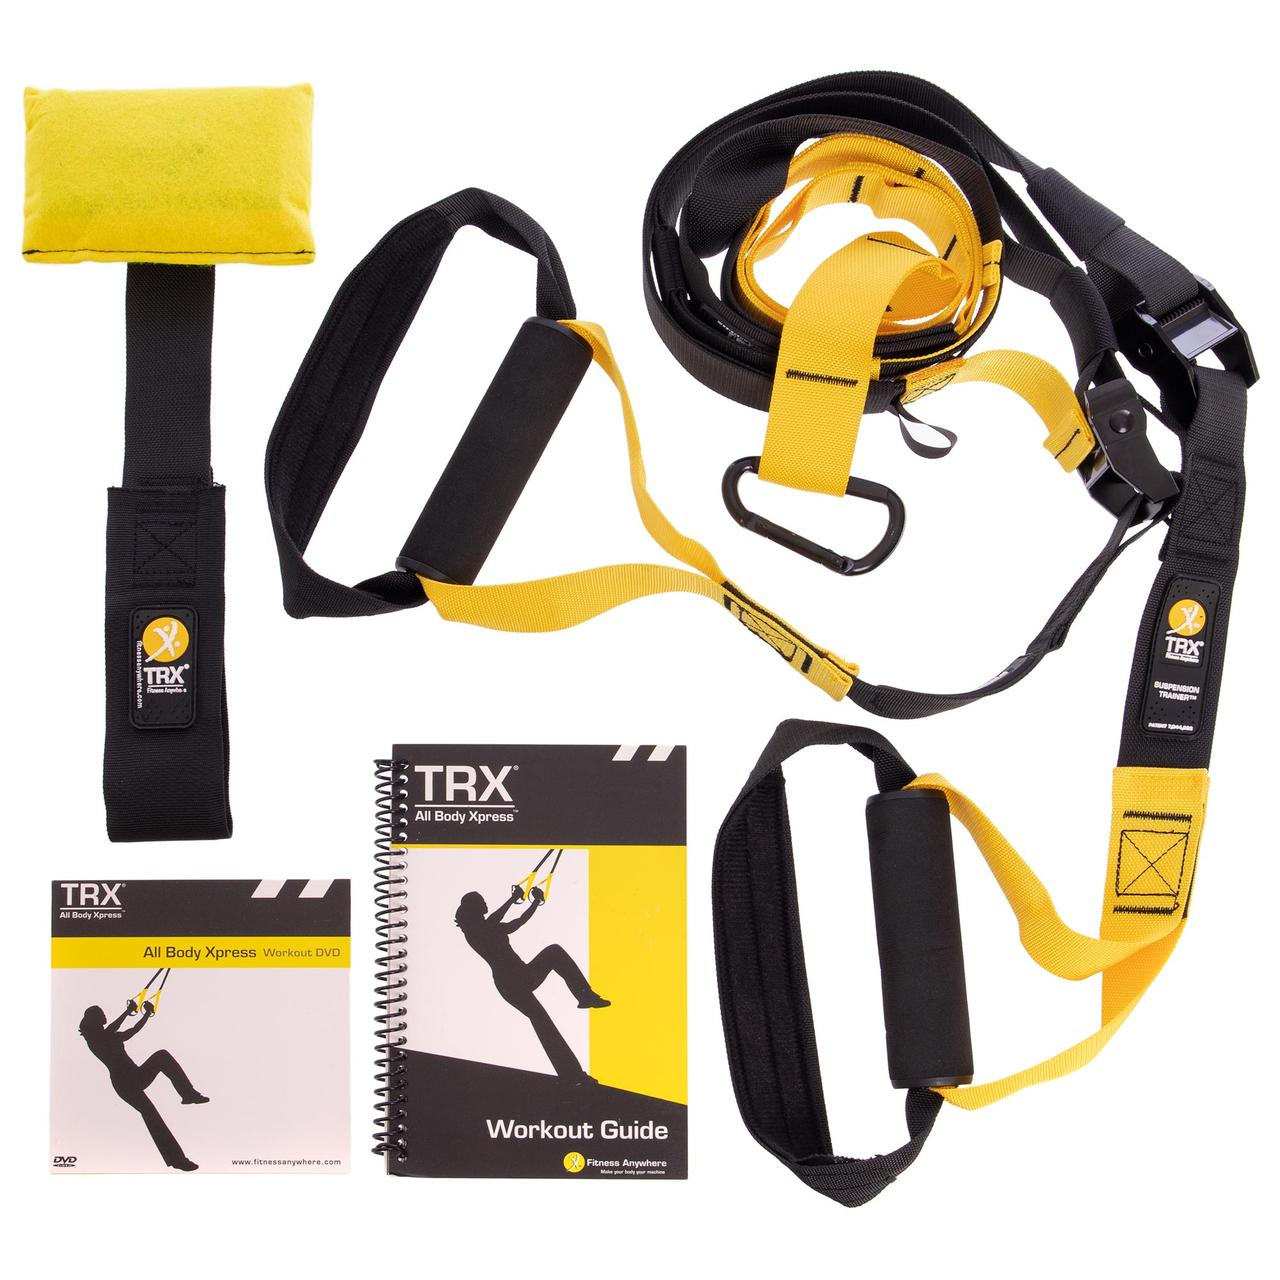 Петли TRX функциональный тренажер KIT P1 FI-3723-02 (петли подвесные, дверное крепление, DVD, сумка,